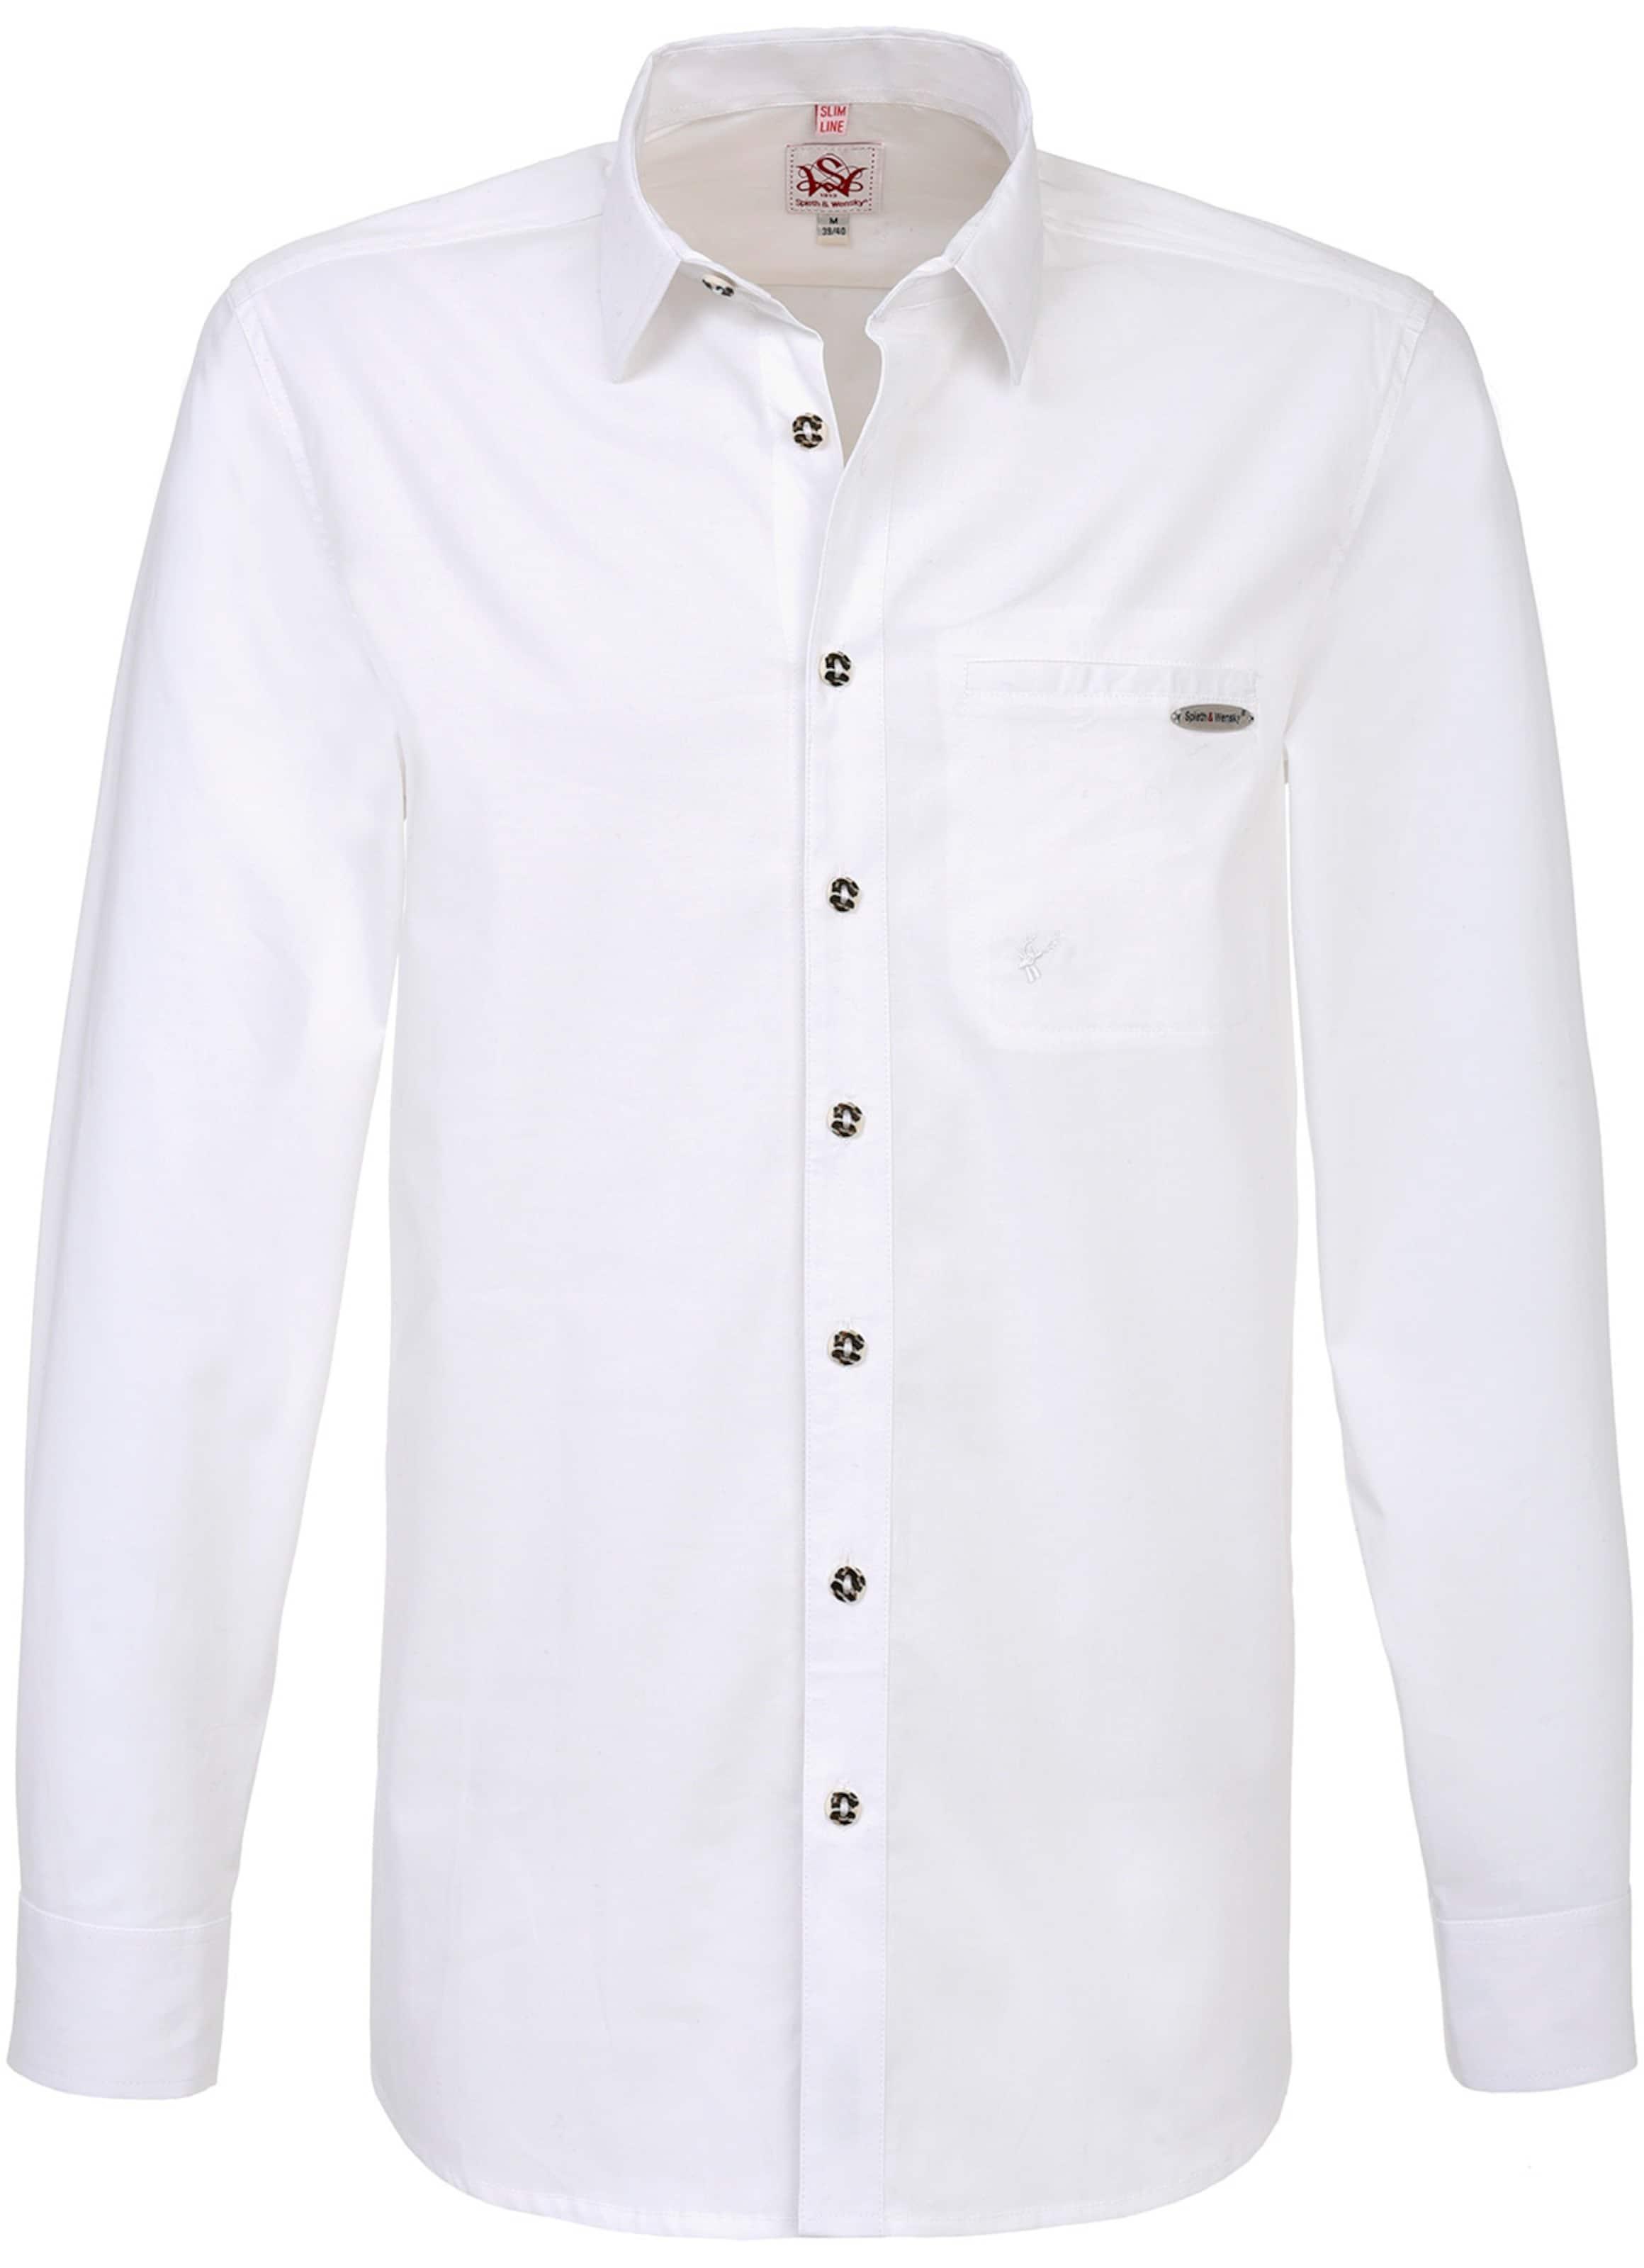 Herren SPIETH & WENSKY Trachtenhemd 'Fischen' weiß | 04057218984475